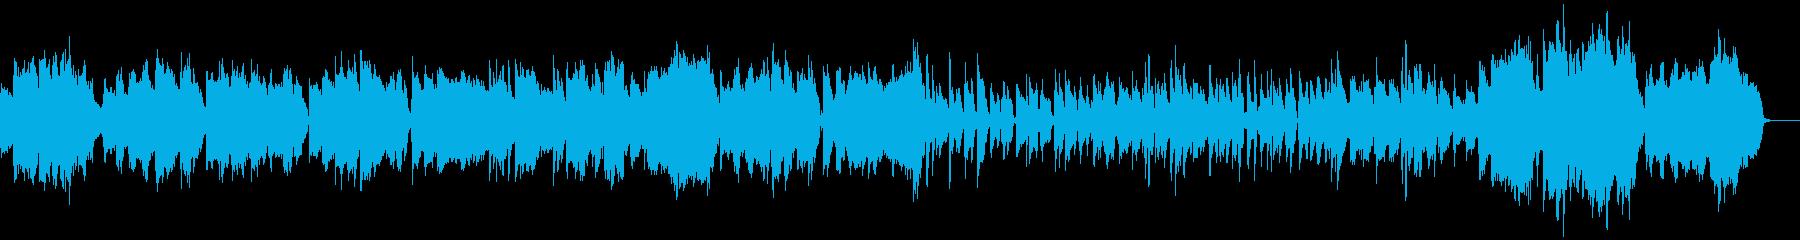 伸びやかなトロンボーンのスロージャズの再生済みの波形